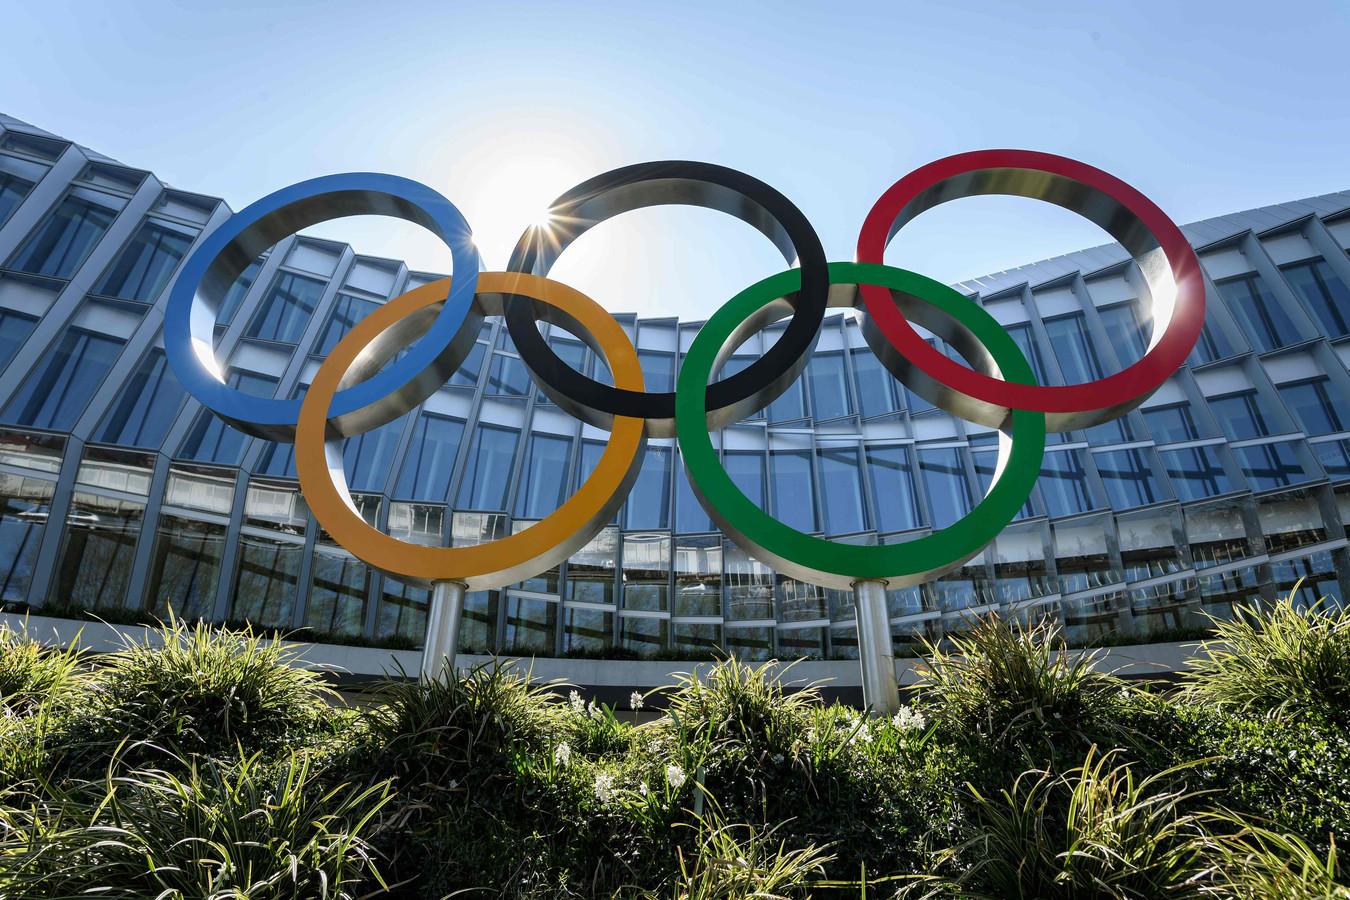 Le Qatar, qui accueillera la Coupe du Monde en 2022, s'est porté candidat pour l'organisation des Jeux Olympiques en 2032.